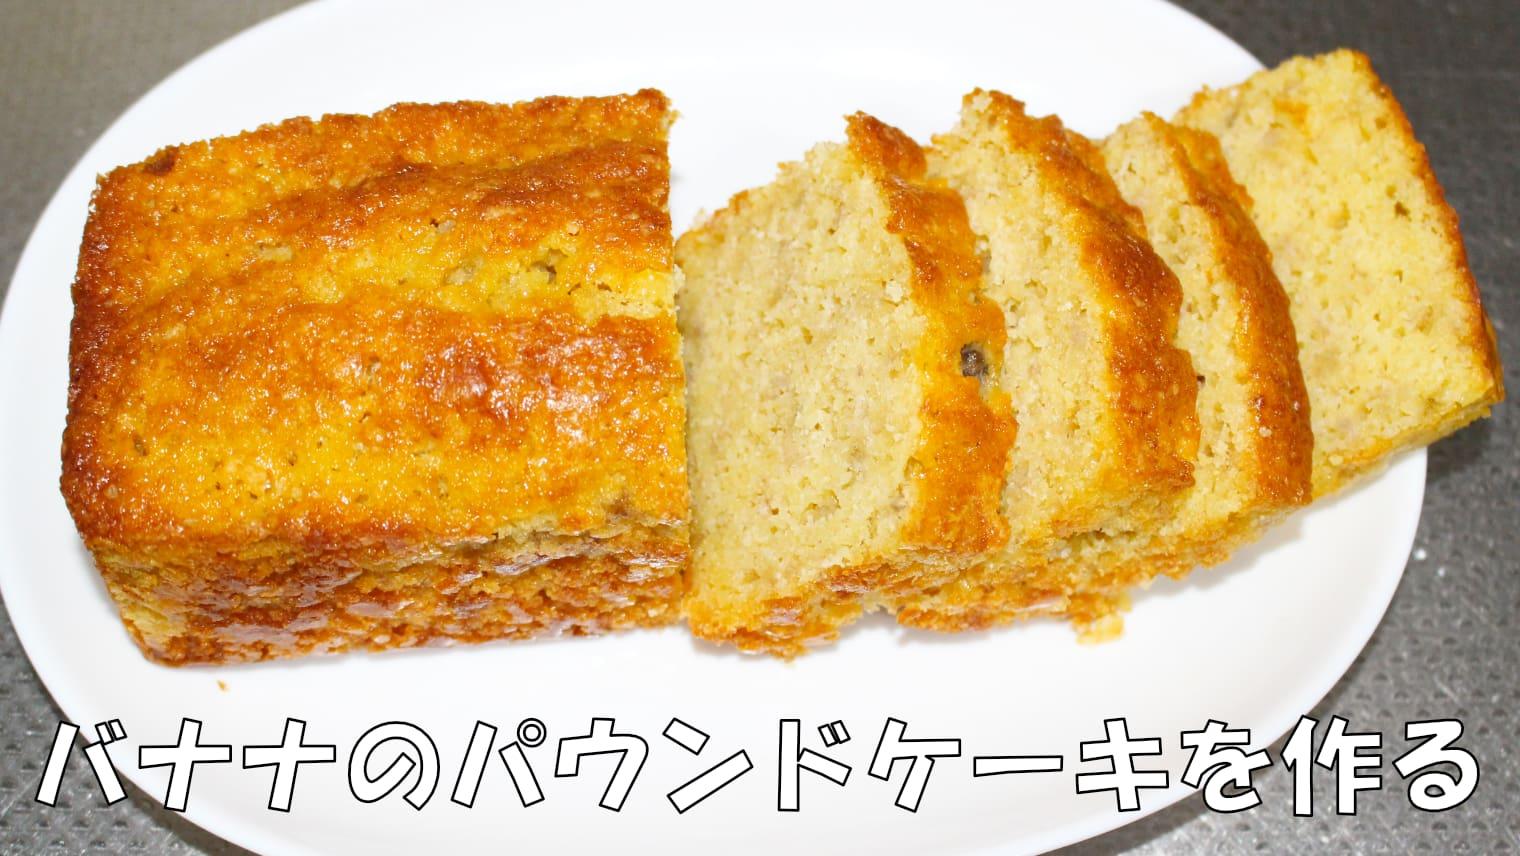 バナナのしっとりパウンドケーキ【簡単にできる】